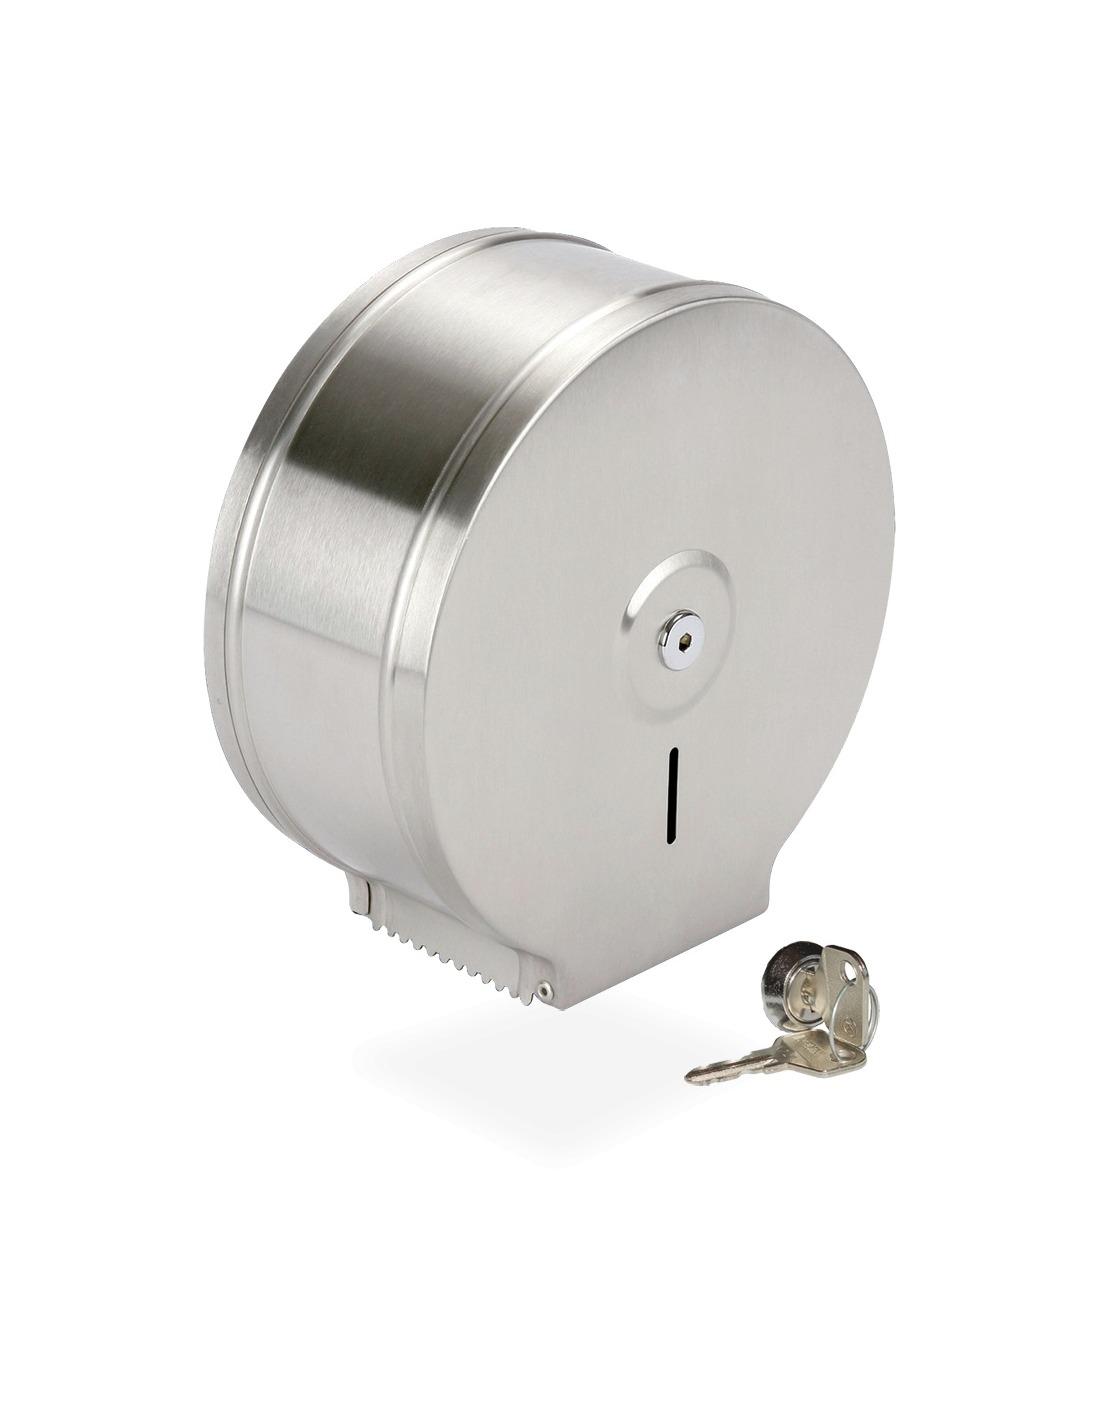 Porta rollos papel higi nico bobina for Accesorios para bano papel higienico